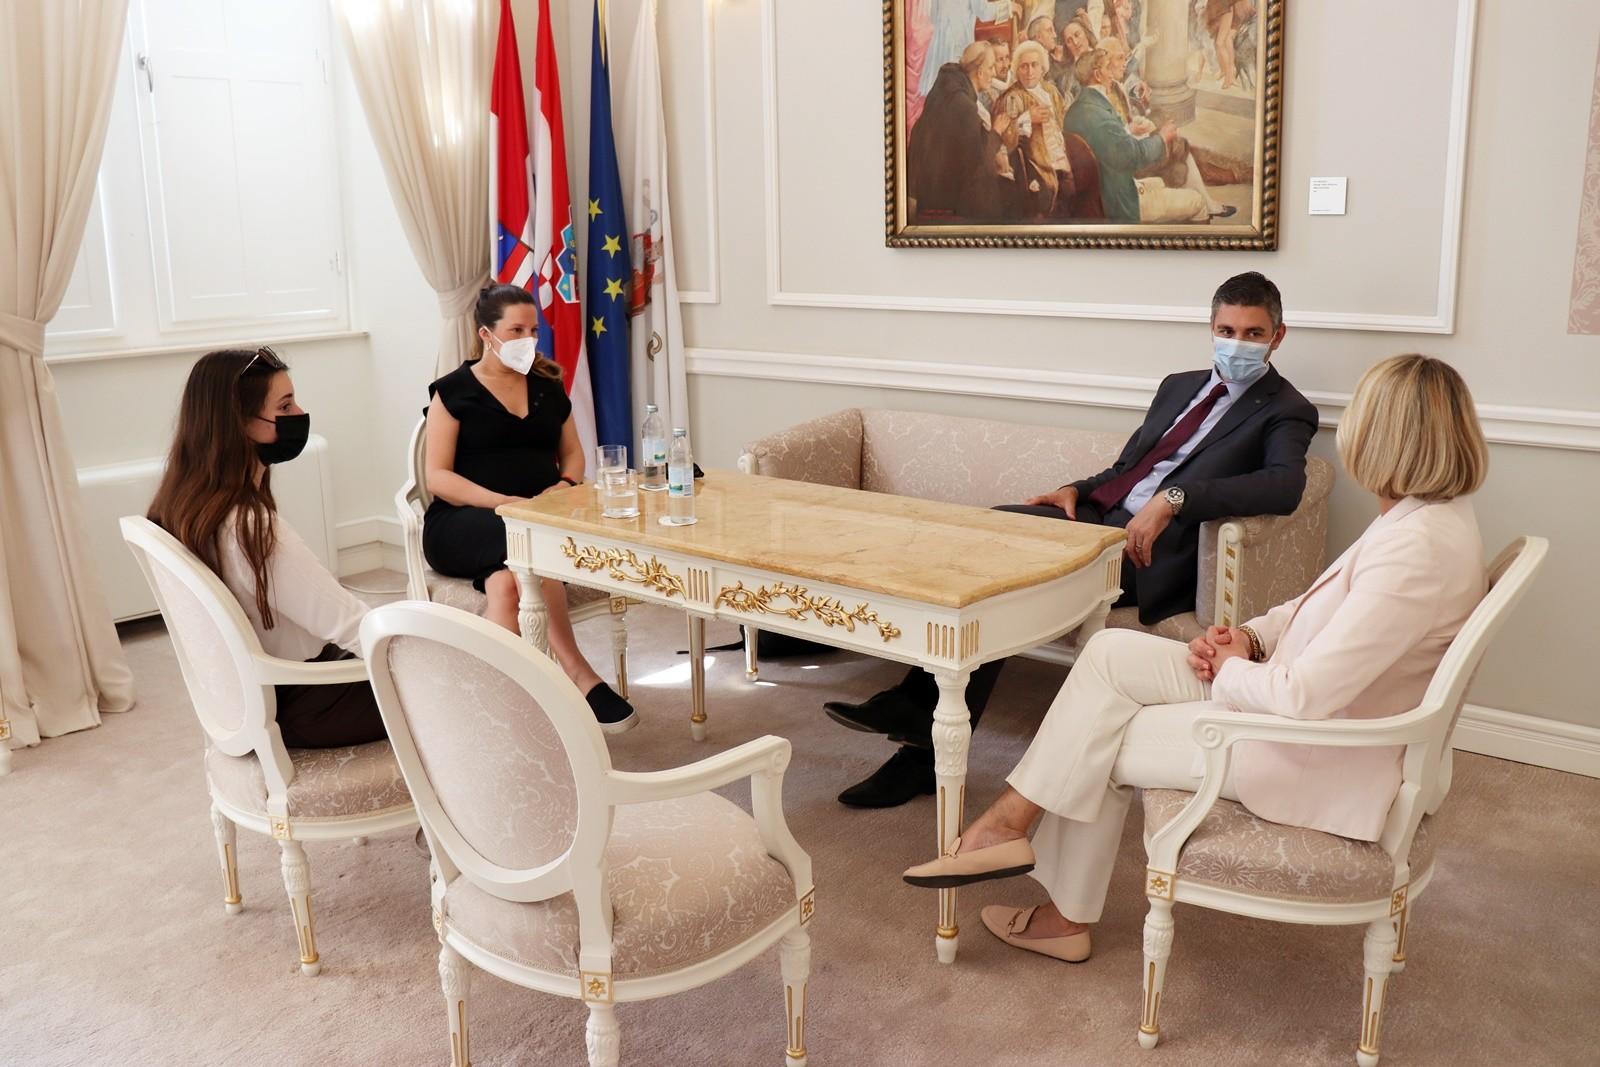 Gradonačelnik Franković primio redateljicu Antonetu Alamat Kusijanović